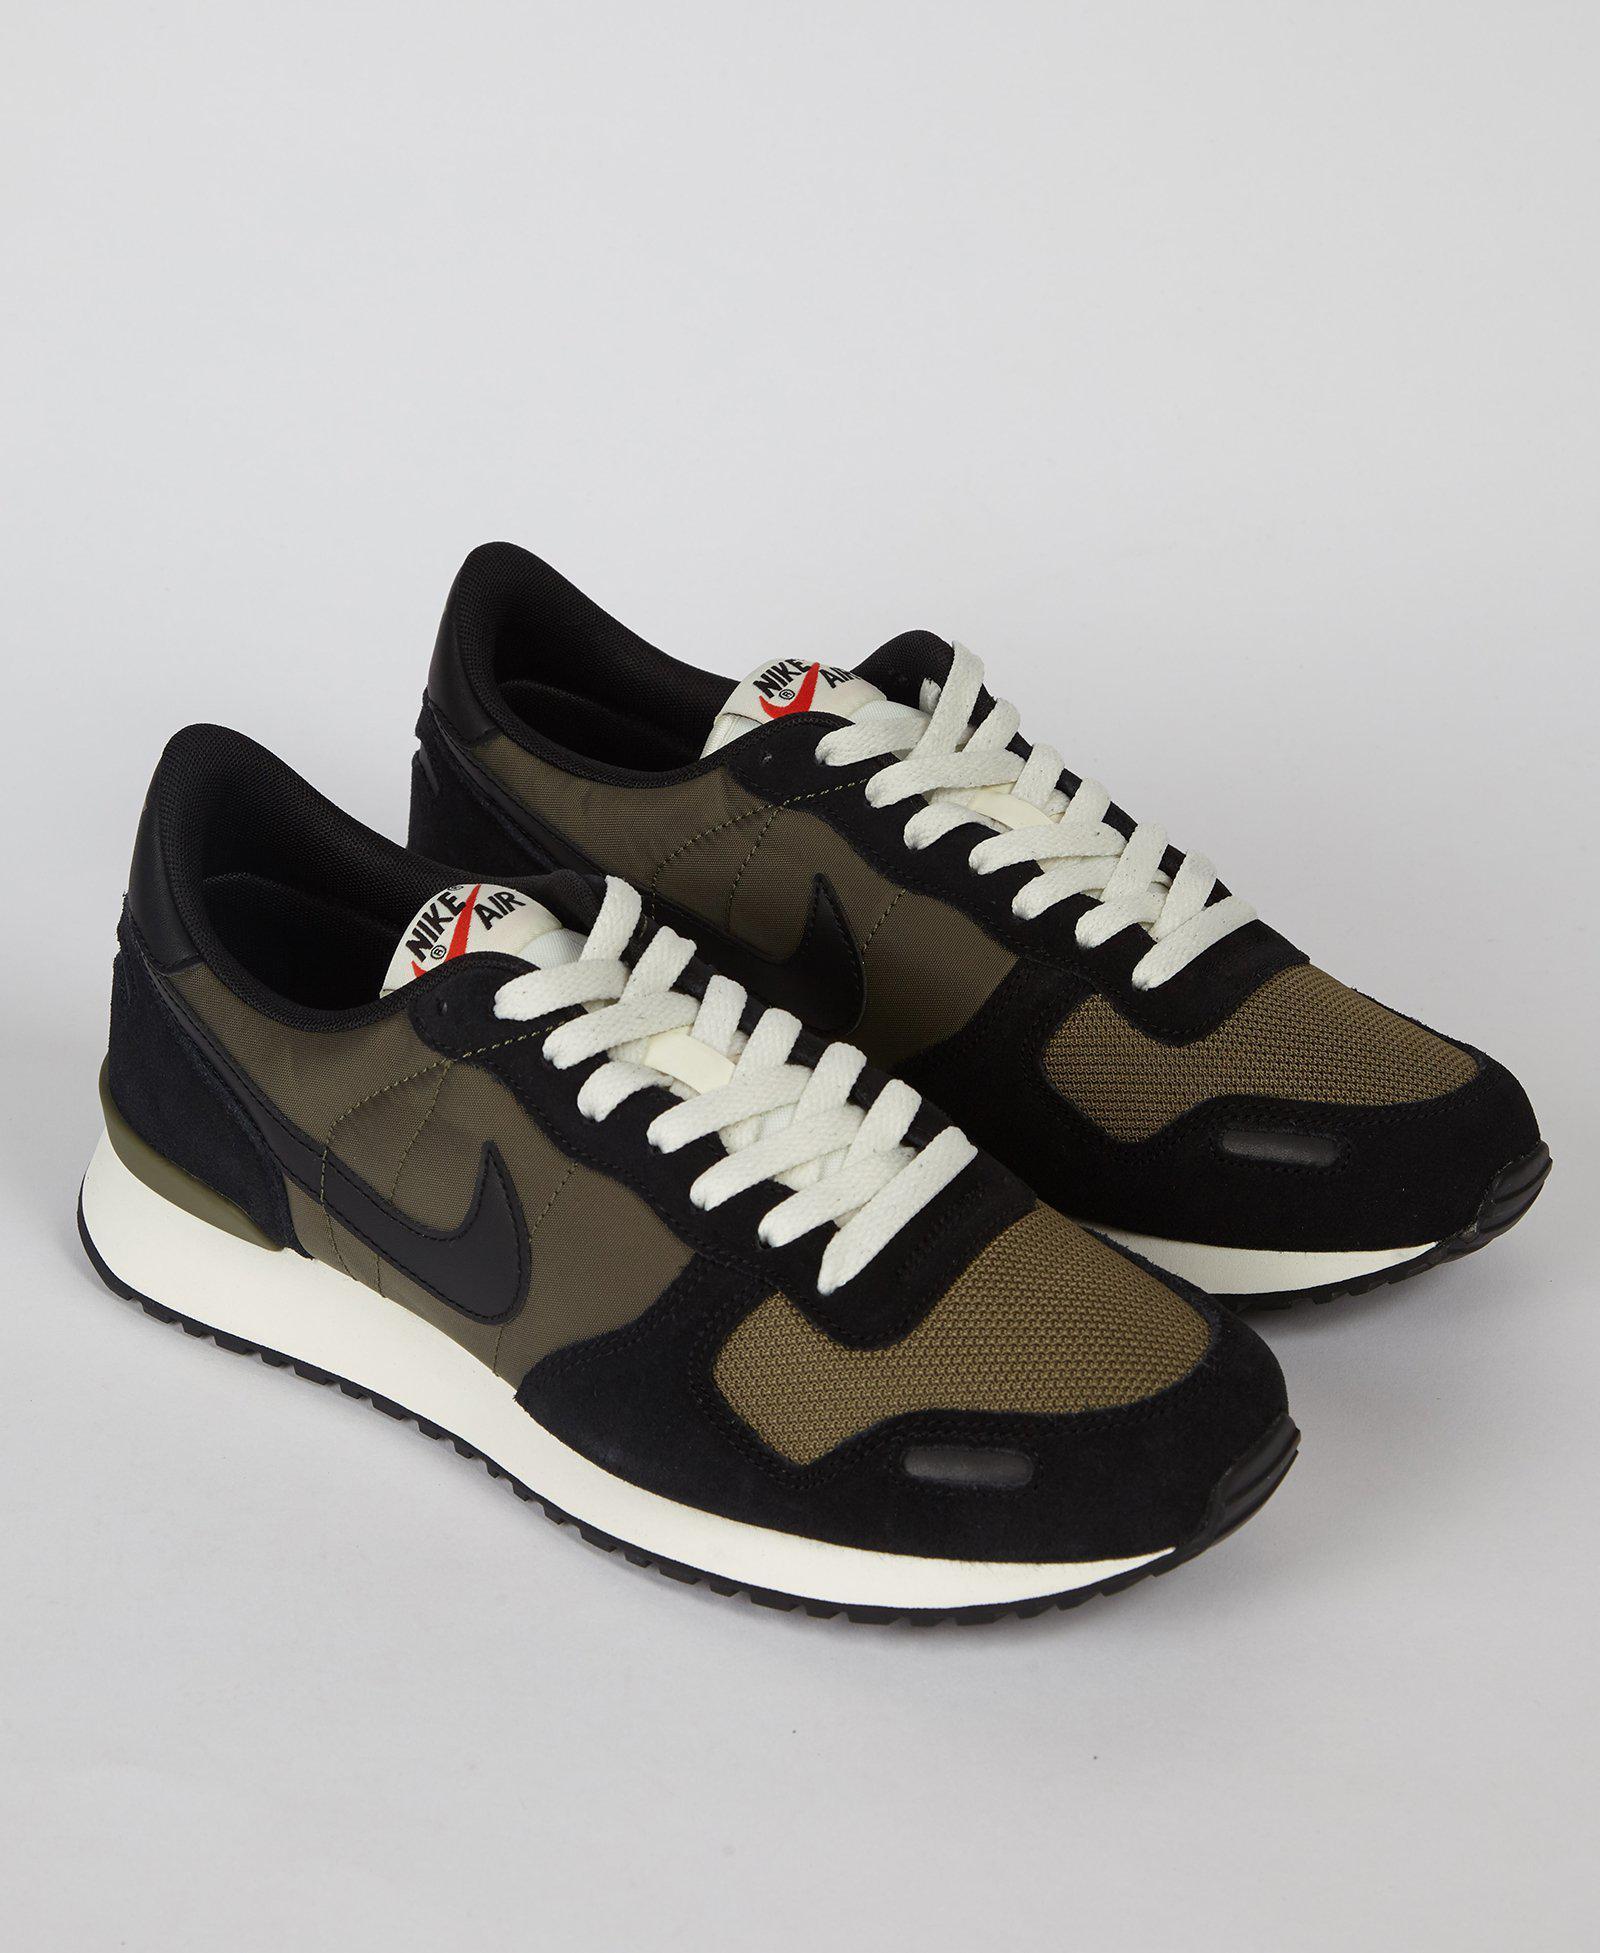 Nike Air Vortex Black Olive for men